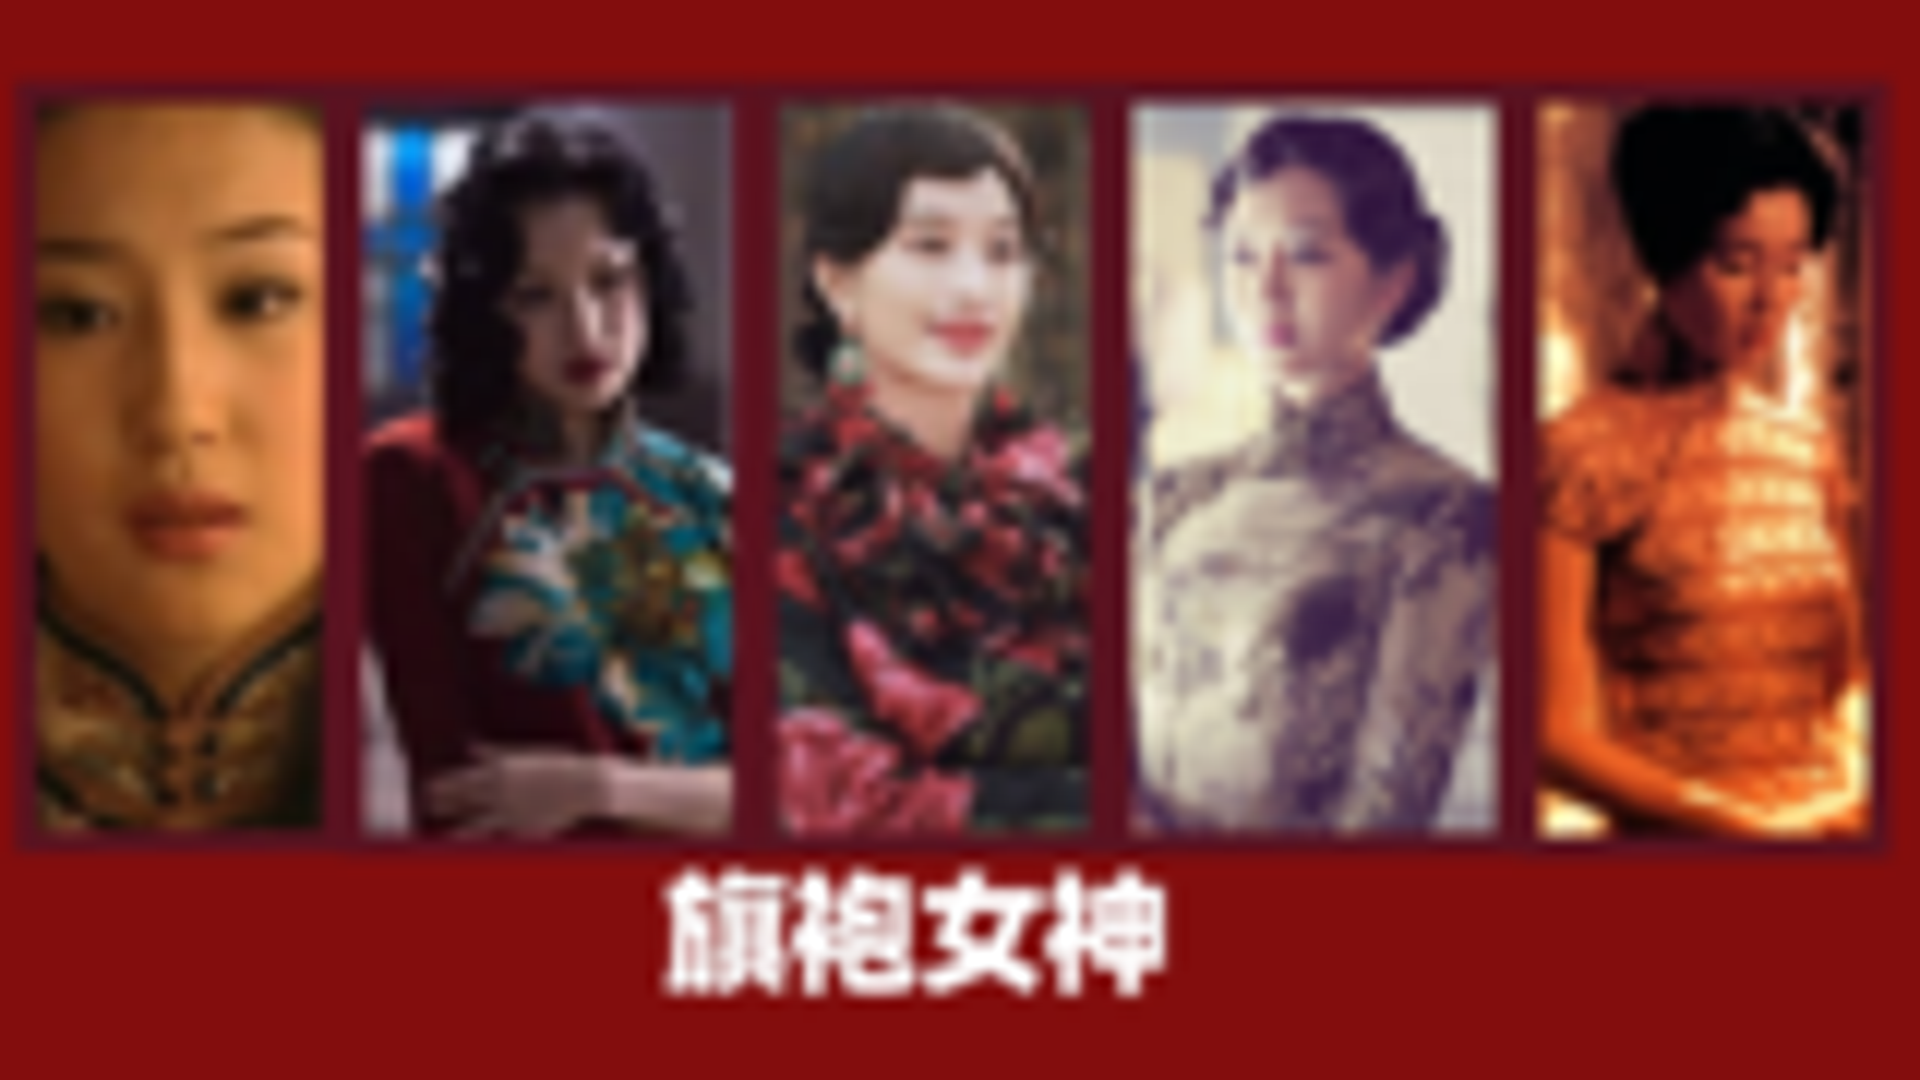 民国影视里的民国风女星穿旗袍,哪个是你的心动女生?